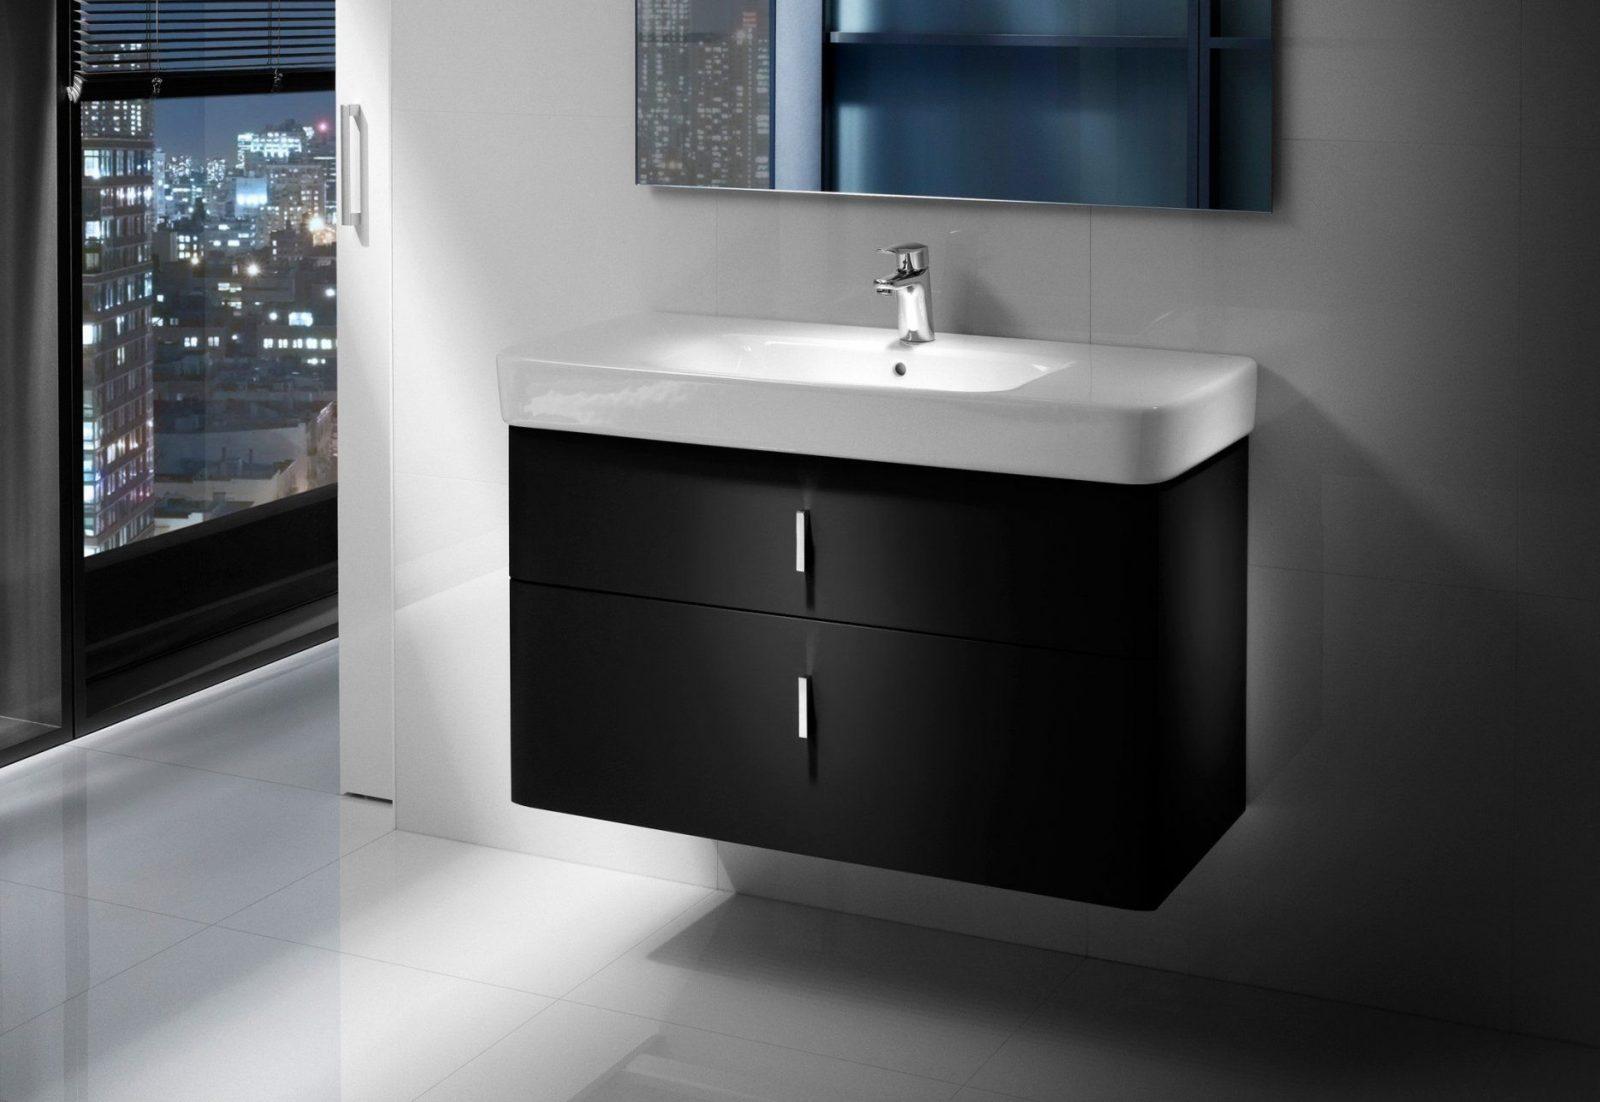 Doppeltes Waschbecken Mit Unterschrank 20 Inspirierende Bilder Von von Doppeltes Waschbecken Mit Unterschrank Bild